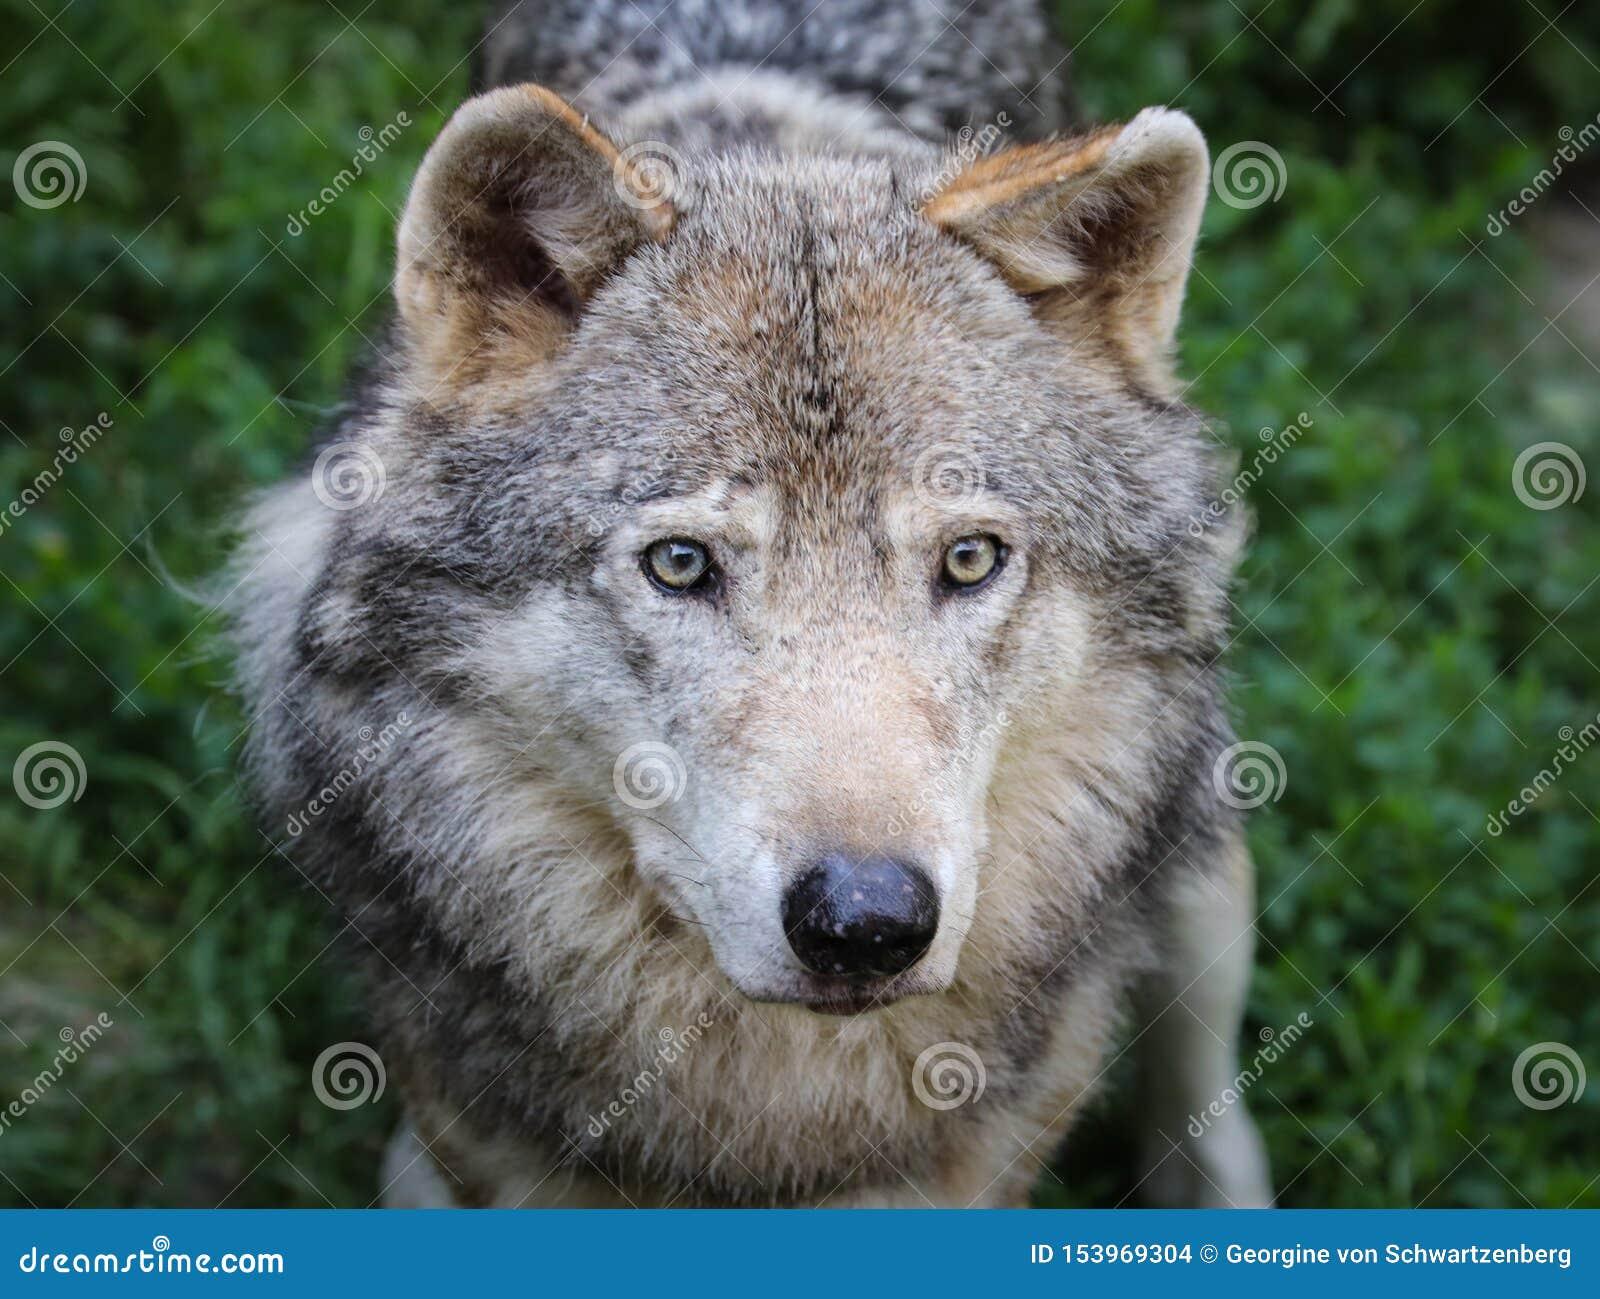 Der Wolf Canis Lupus-, alias Grauer/Grauewolf, der Timberwolf oder der Tundrawolf